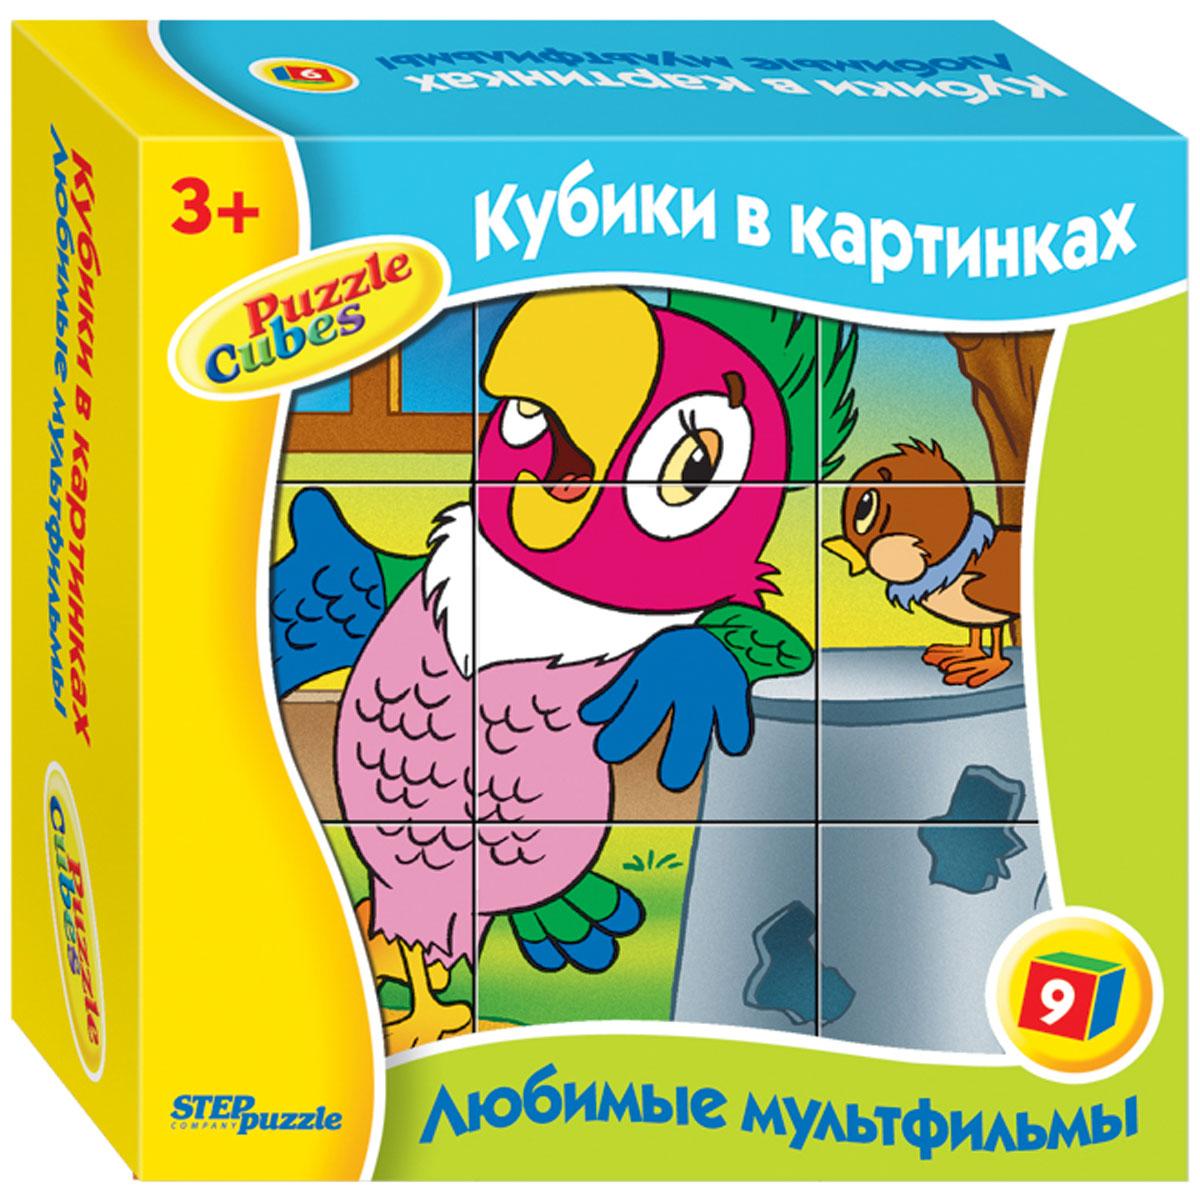 Step Puzzle Кубики Попугай Кеша87311С помощью кубиков Step Puzzle Попугай Кеша ребенок сможет собрать целых шесть красочных картинок с героями из любимых мультфильмов. Игра с кубиками развивает зрительное восприятие, наблюдательность, мелкую моторику рук и произвольные движения. Ребенок научится складывать целостный образ из частей, определять недостающие детали изображения. Это прекрасный комплект для развлечения и времяпрепровождения с пользой для малыша.